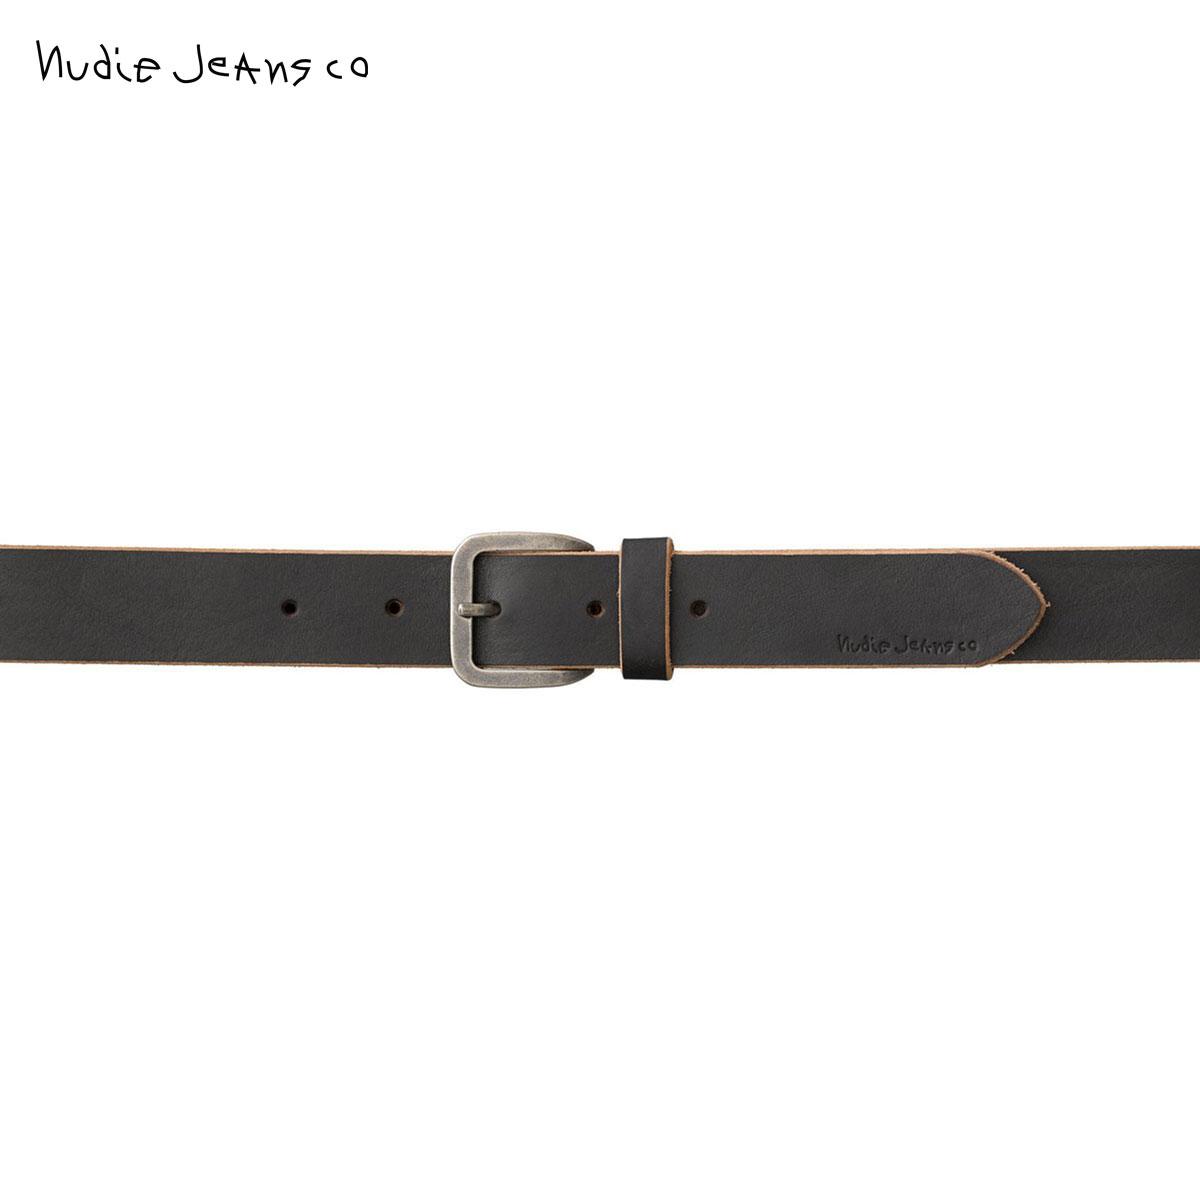 【ポイント10倍 11/04 20:00~11/11 23:59まで】 ヌーディージーンズ Nudie Jeans 正規販売店 メンズ ベルト ALBERTSSON RAW EDGE BELT 180782 7024 BLACK